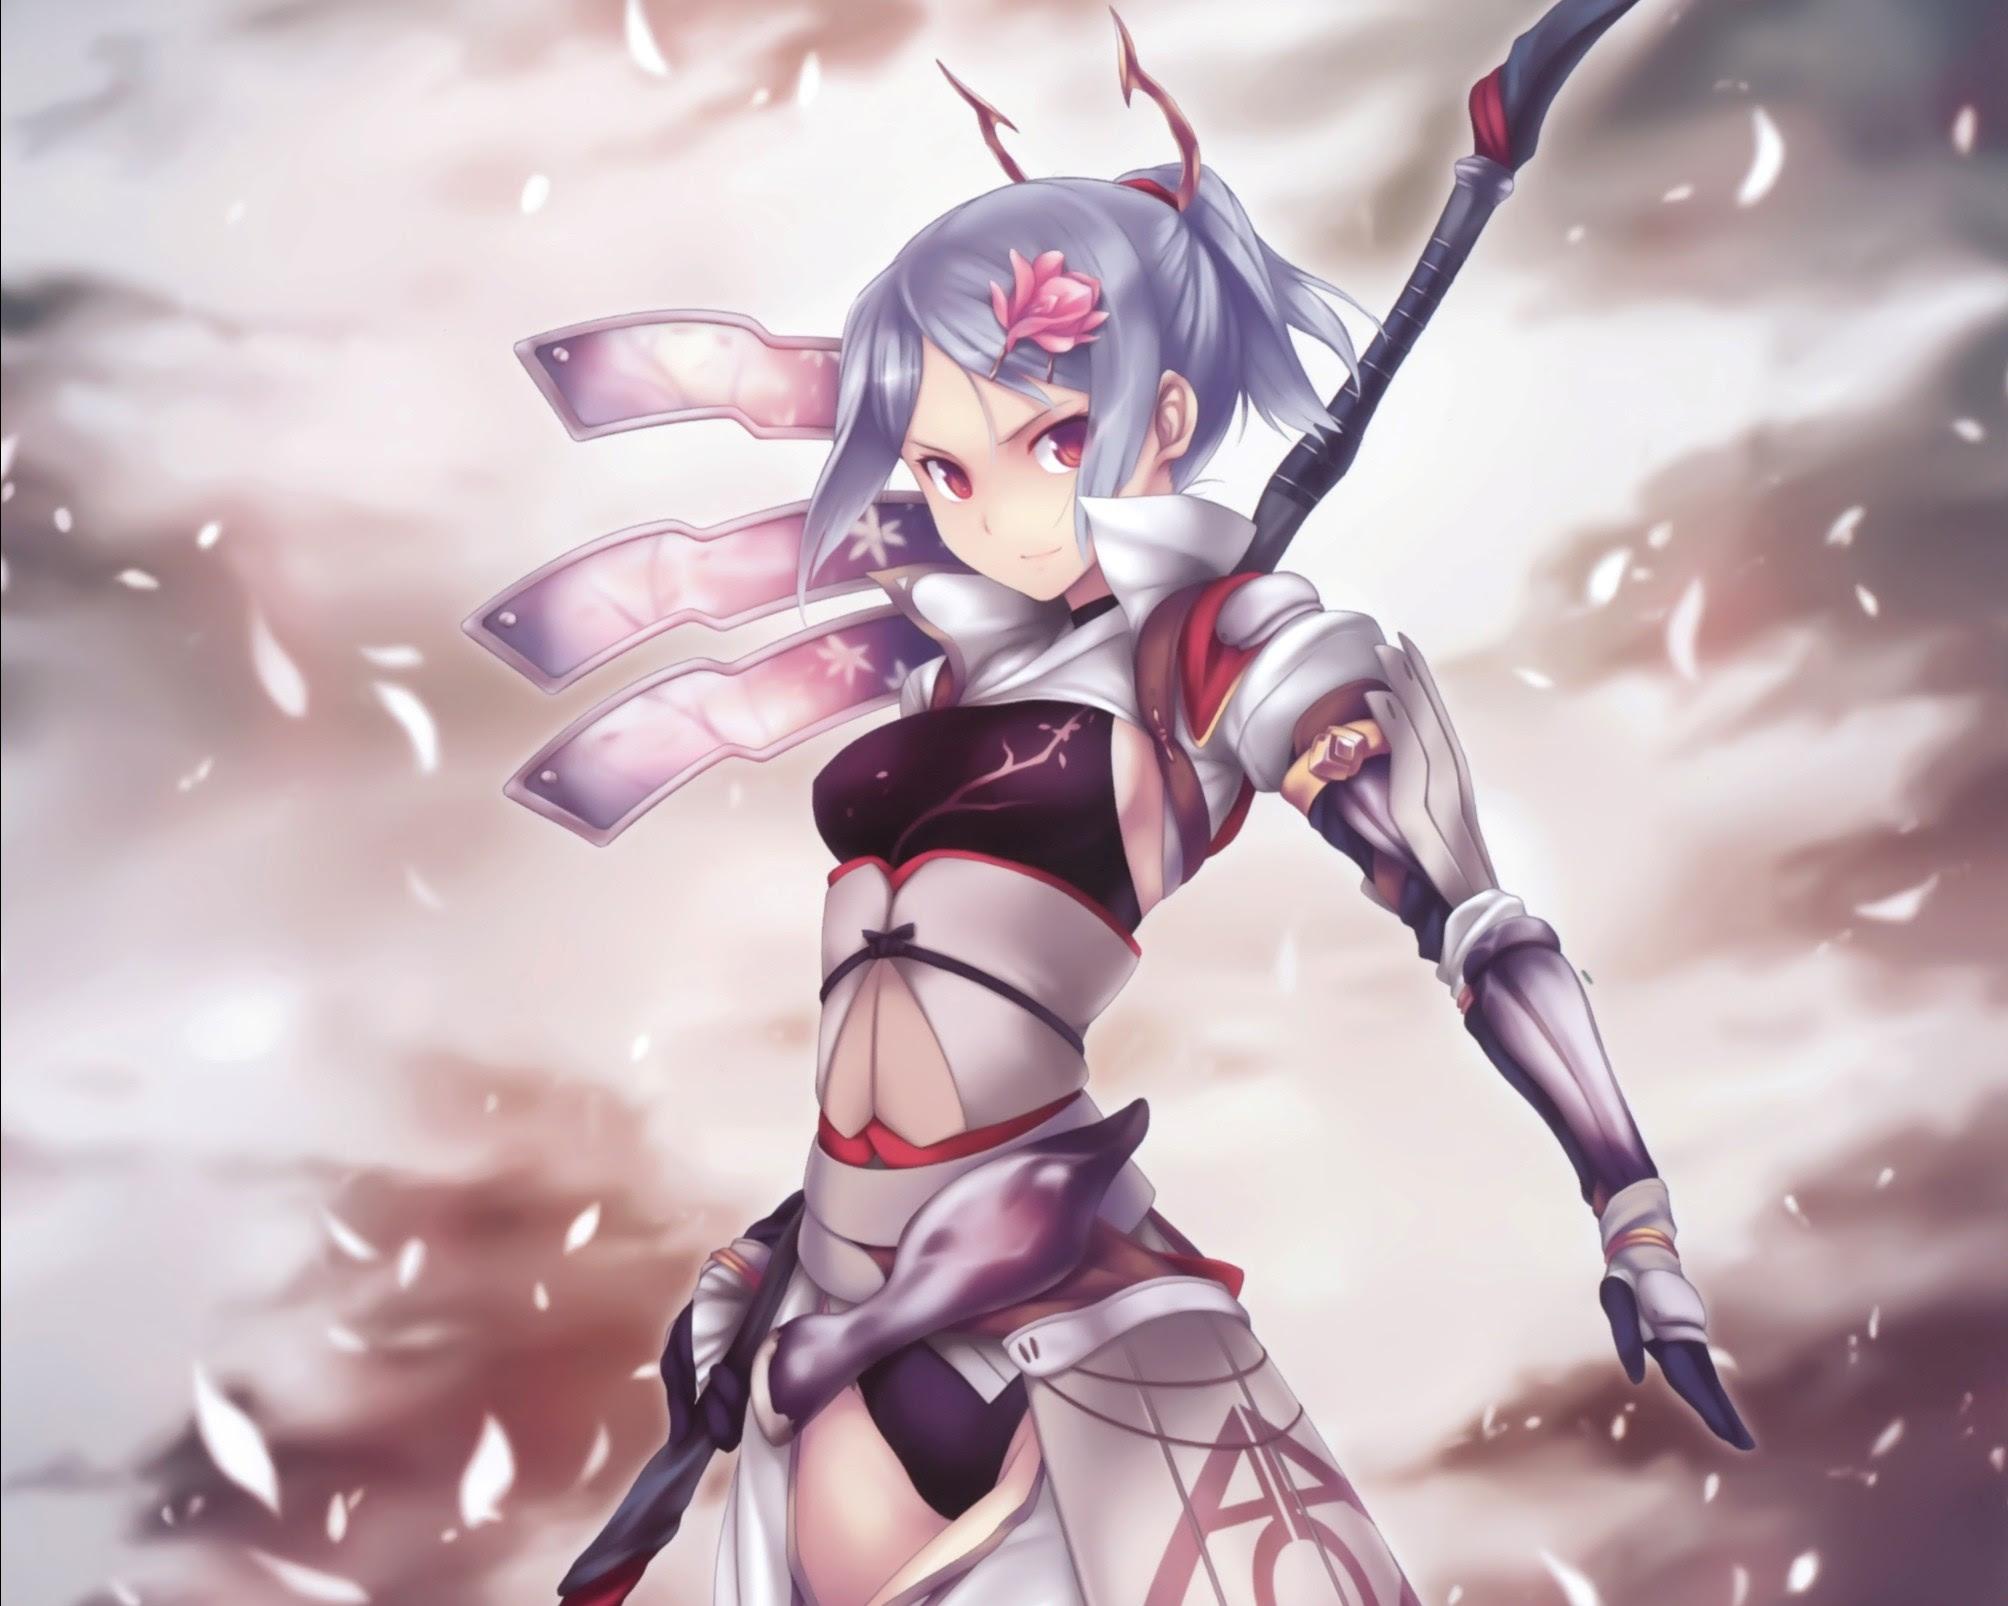 [UPDATE 2020] Warrior Anime Girl Wings - Sans Wallpaper